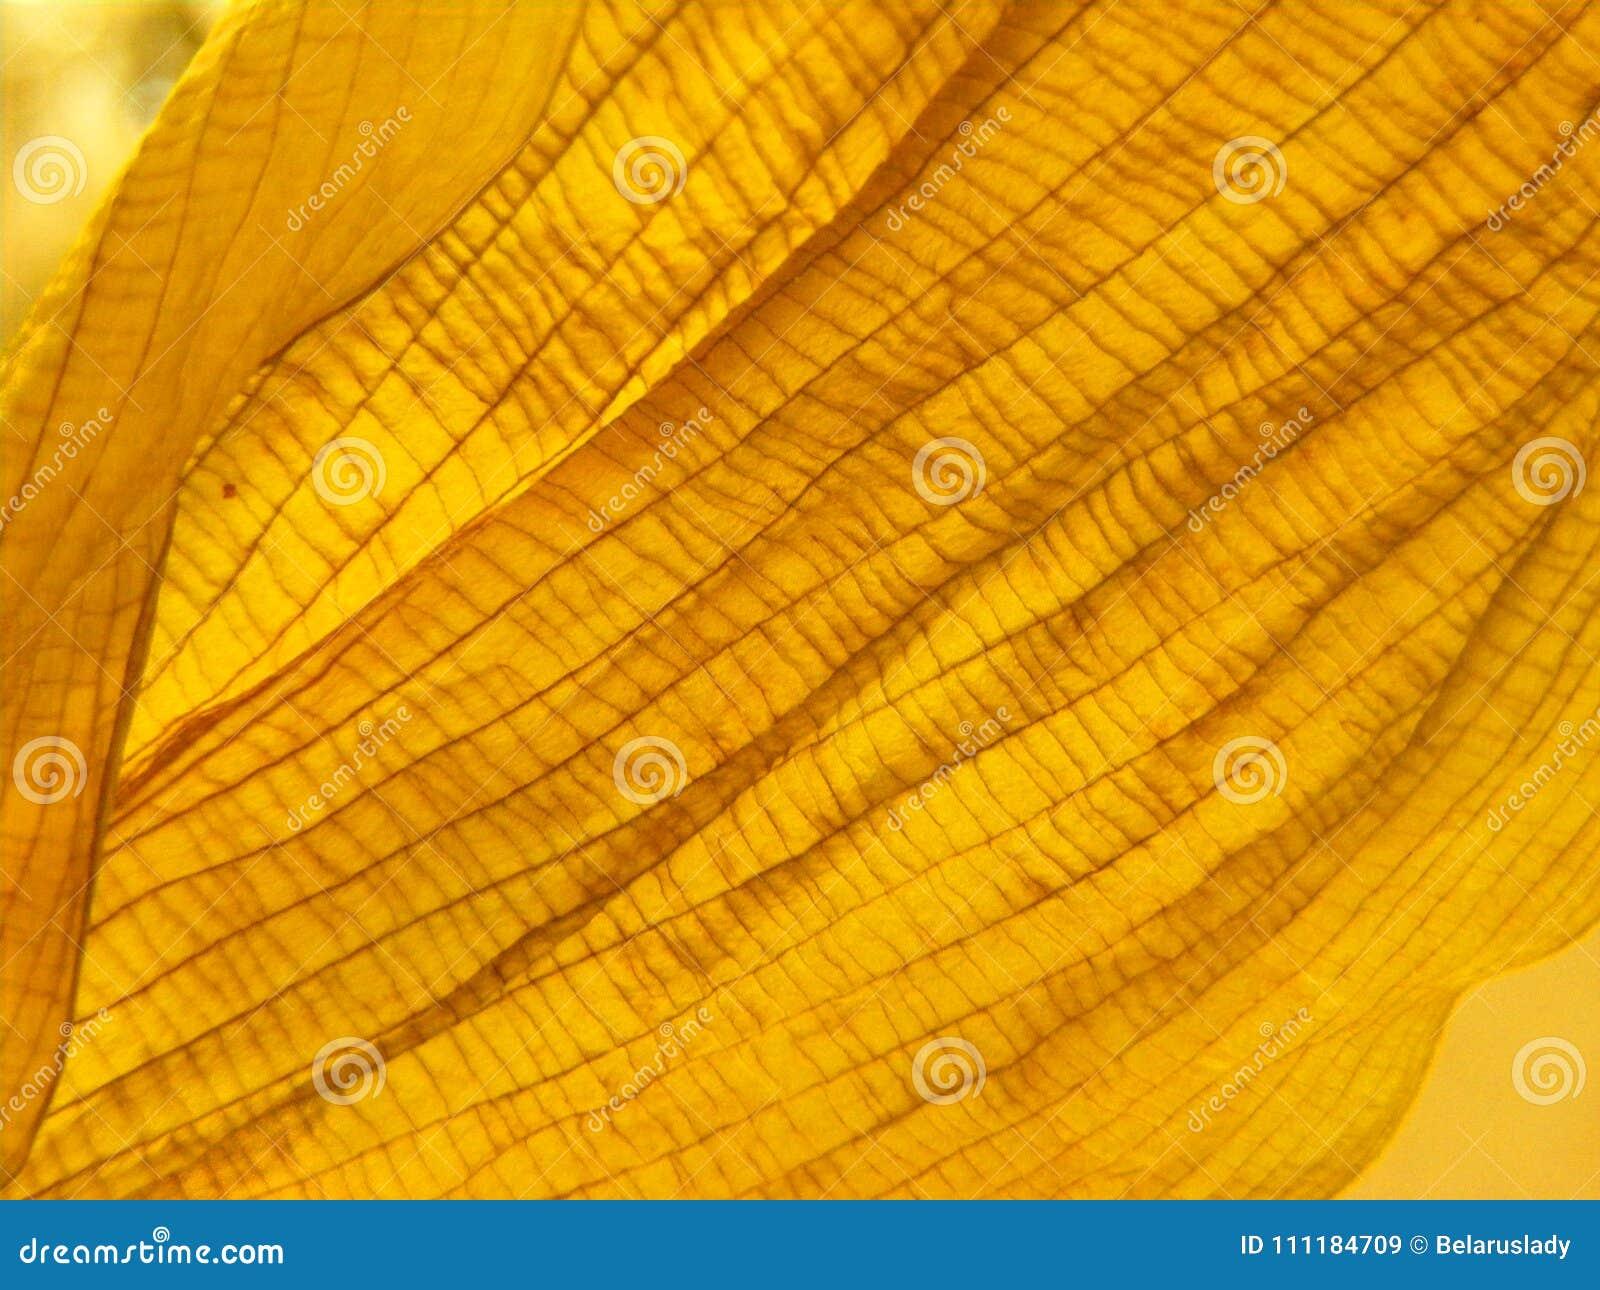 Конец текстуры лист осени оранжевый сухой вверх